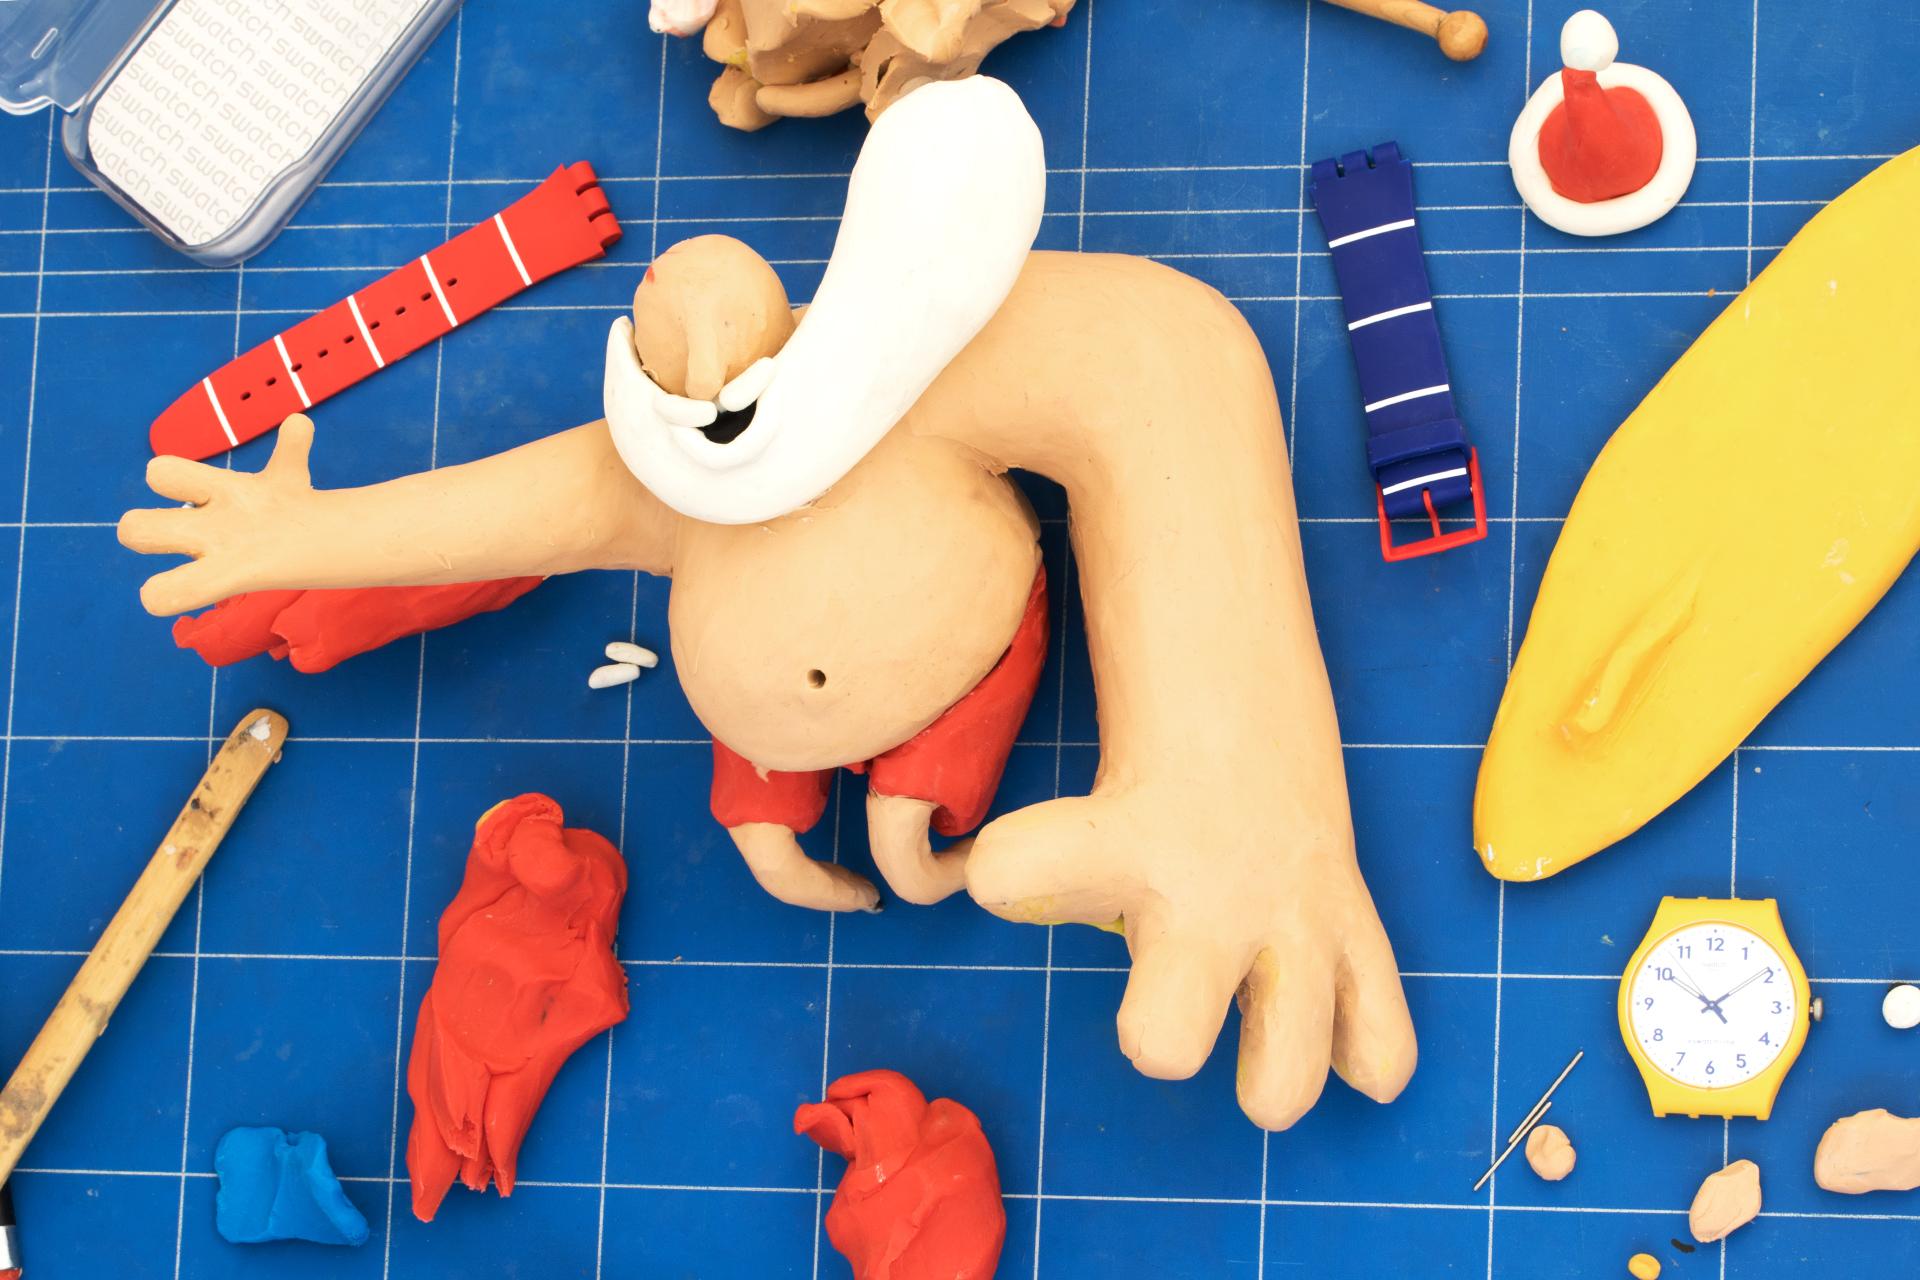 L'artwork in plastilina di Stefano Colferai per Swatch | Collater.al